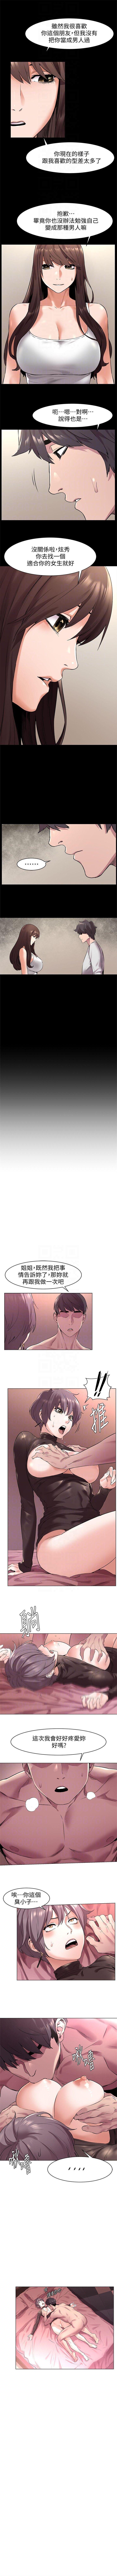 (週5)衝突 1-94 中文翻譯 (更新中) 320